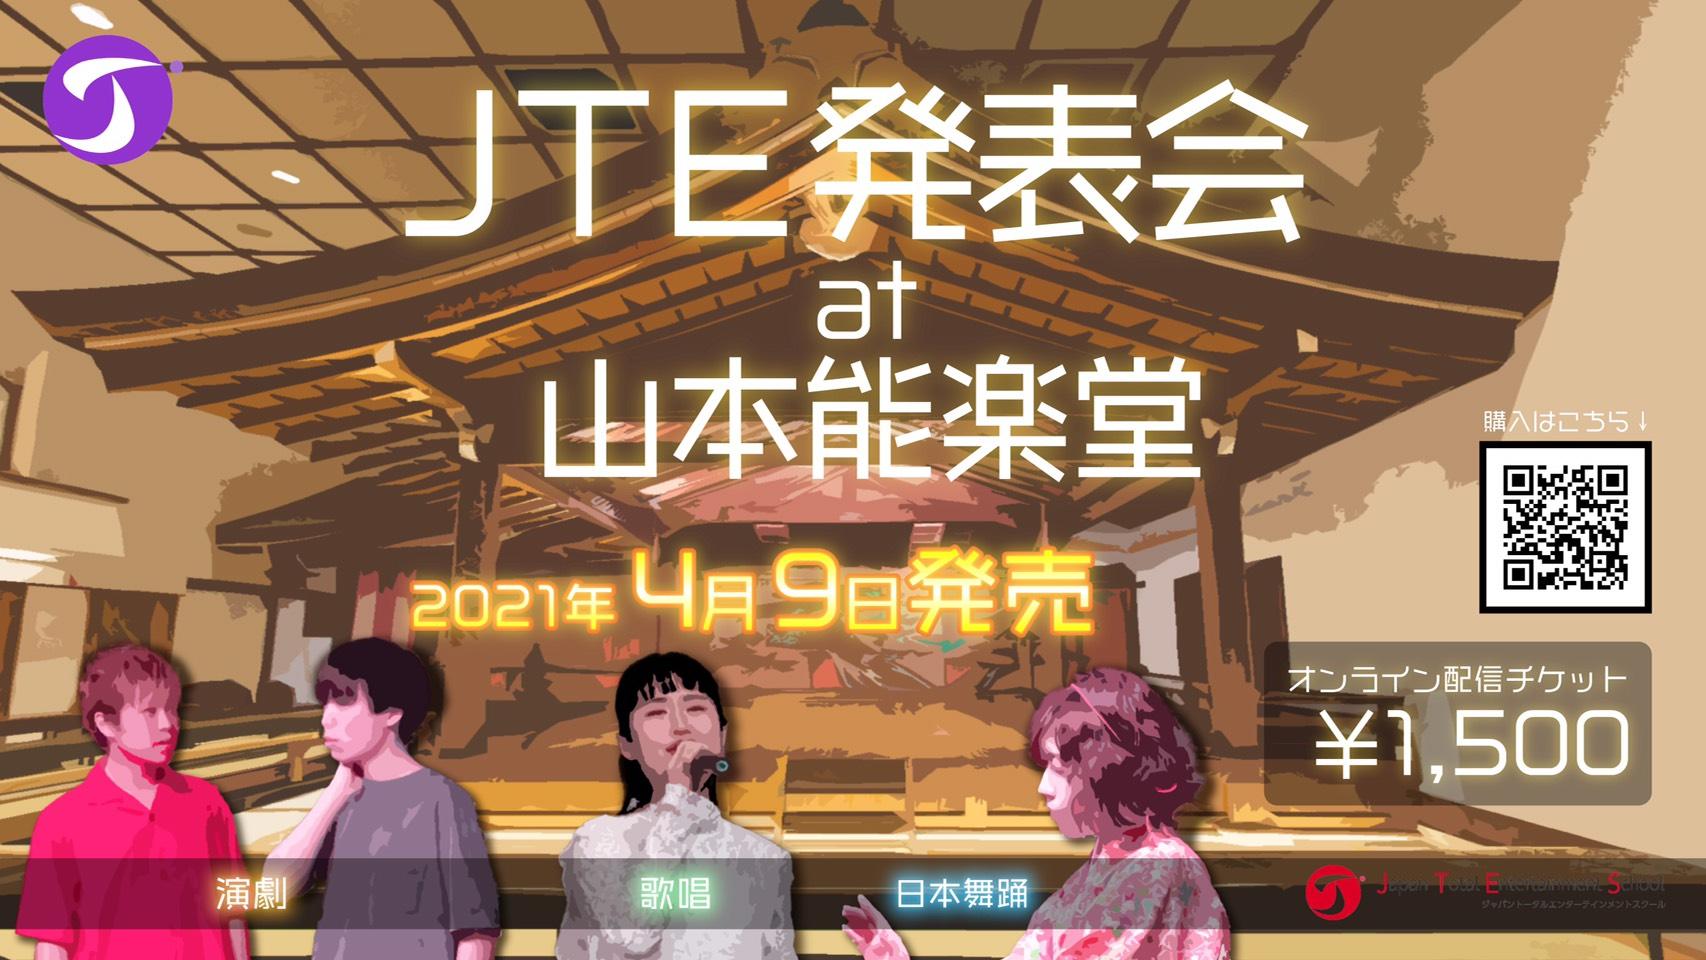 【配信限定】『JTE発表会』at 山本能楽堂 観賞チケット発売決定!3月26日より販売スタート